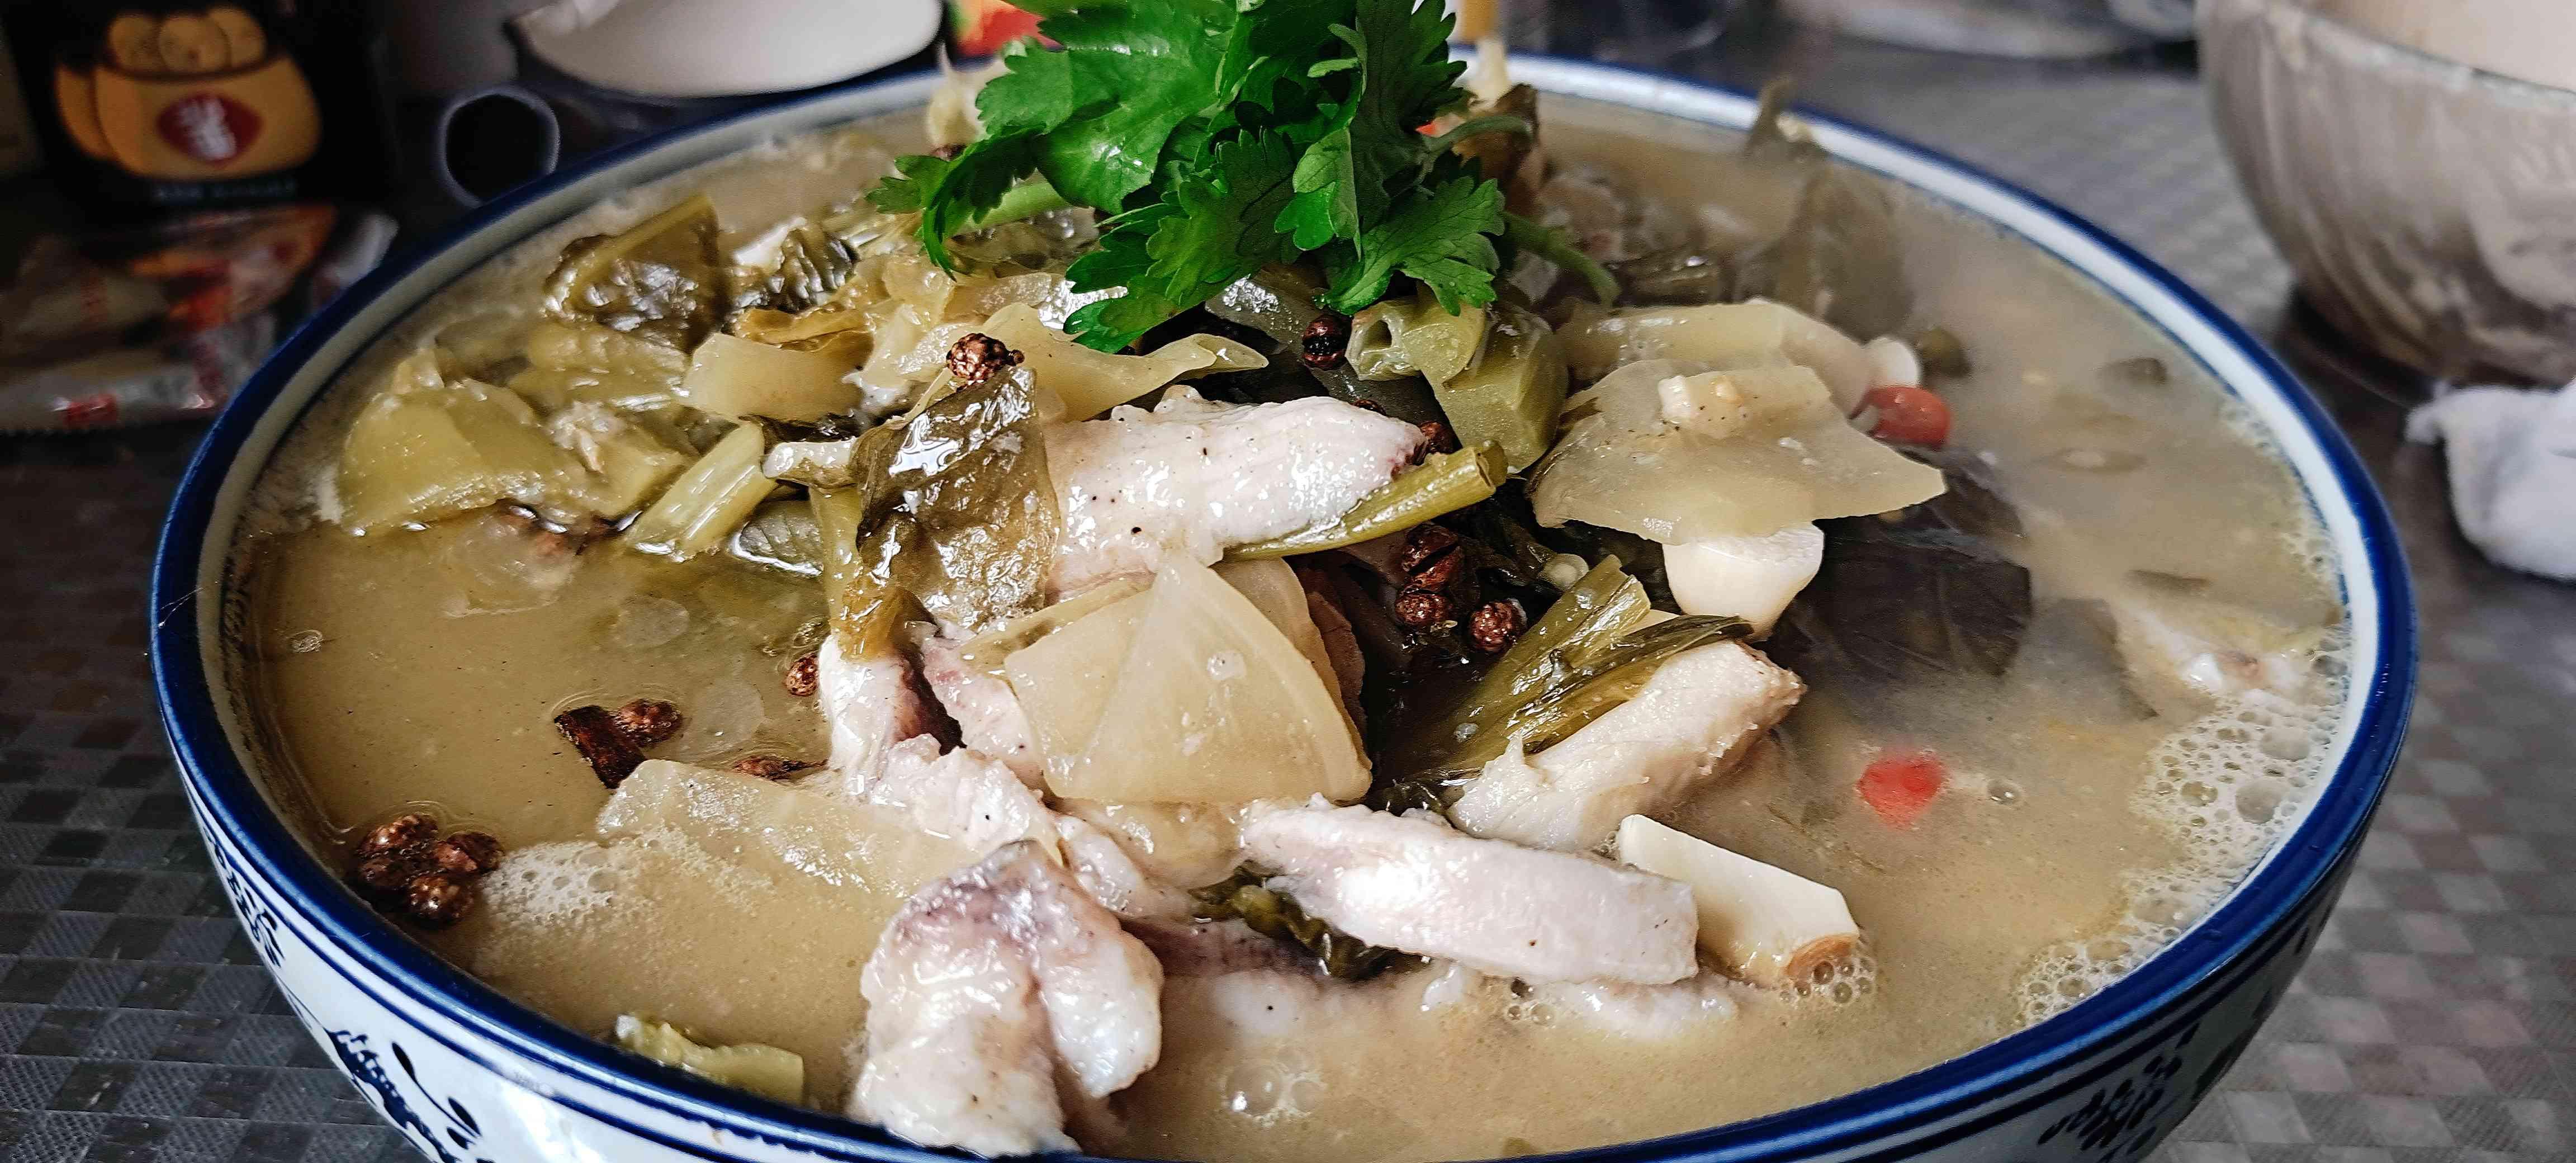 好吃的酸菜鱼做法,10分钟学会~酸菜鱼怎样煸